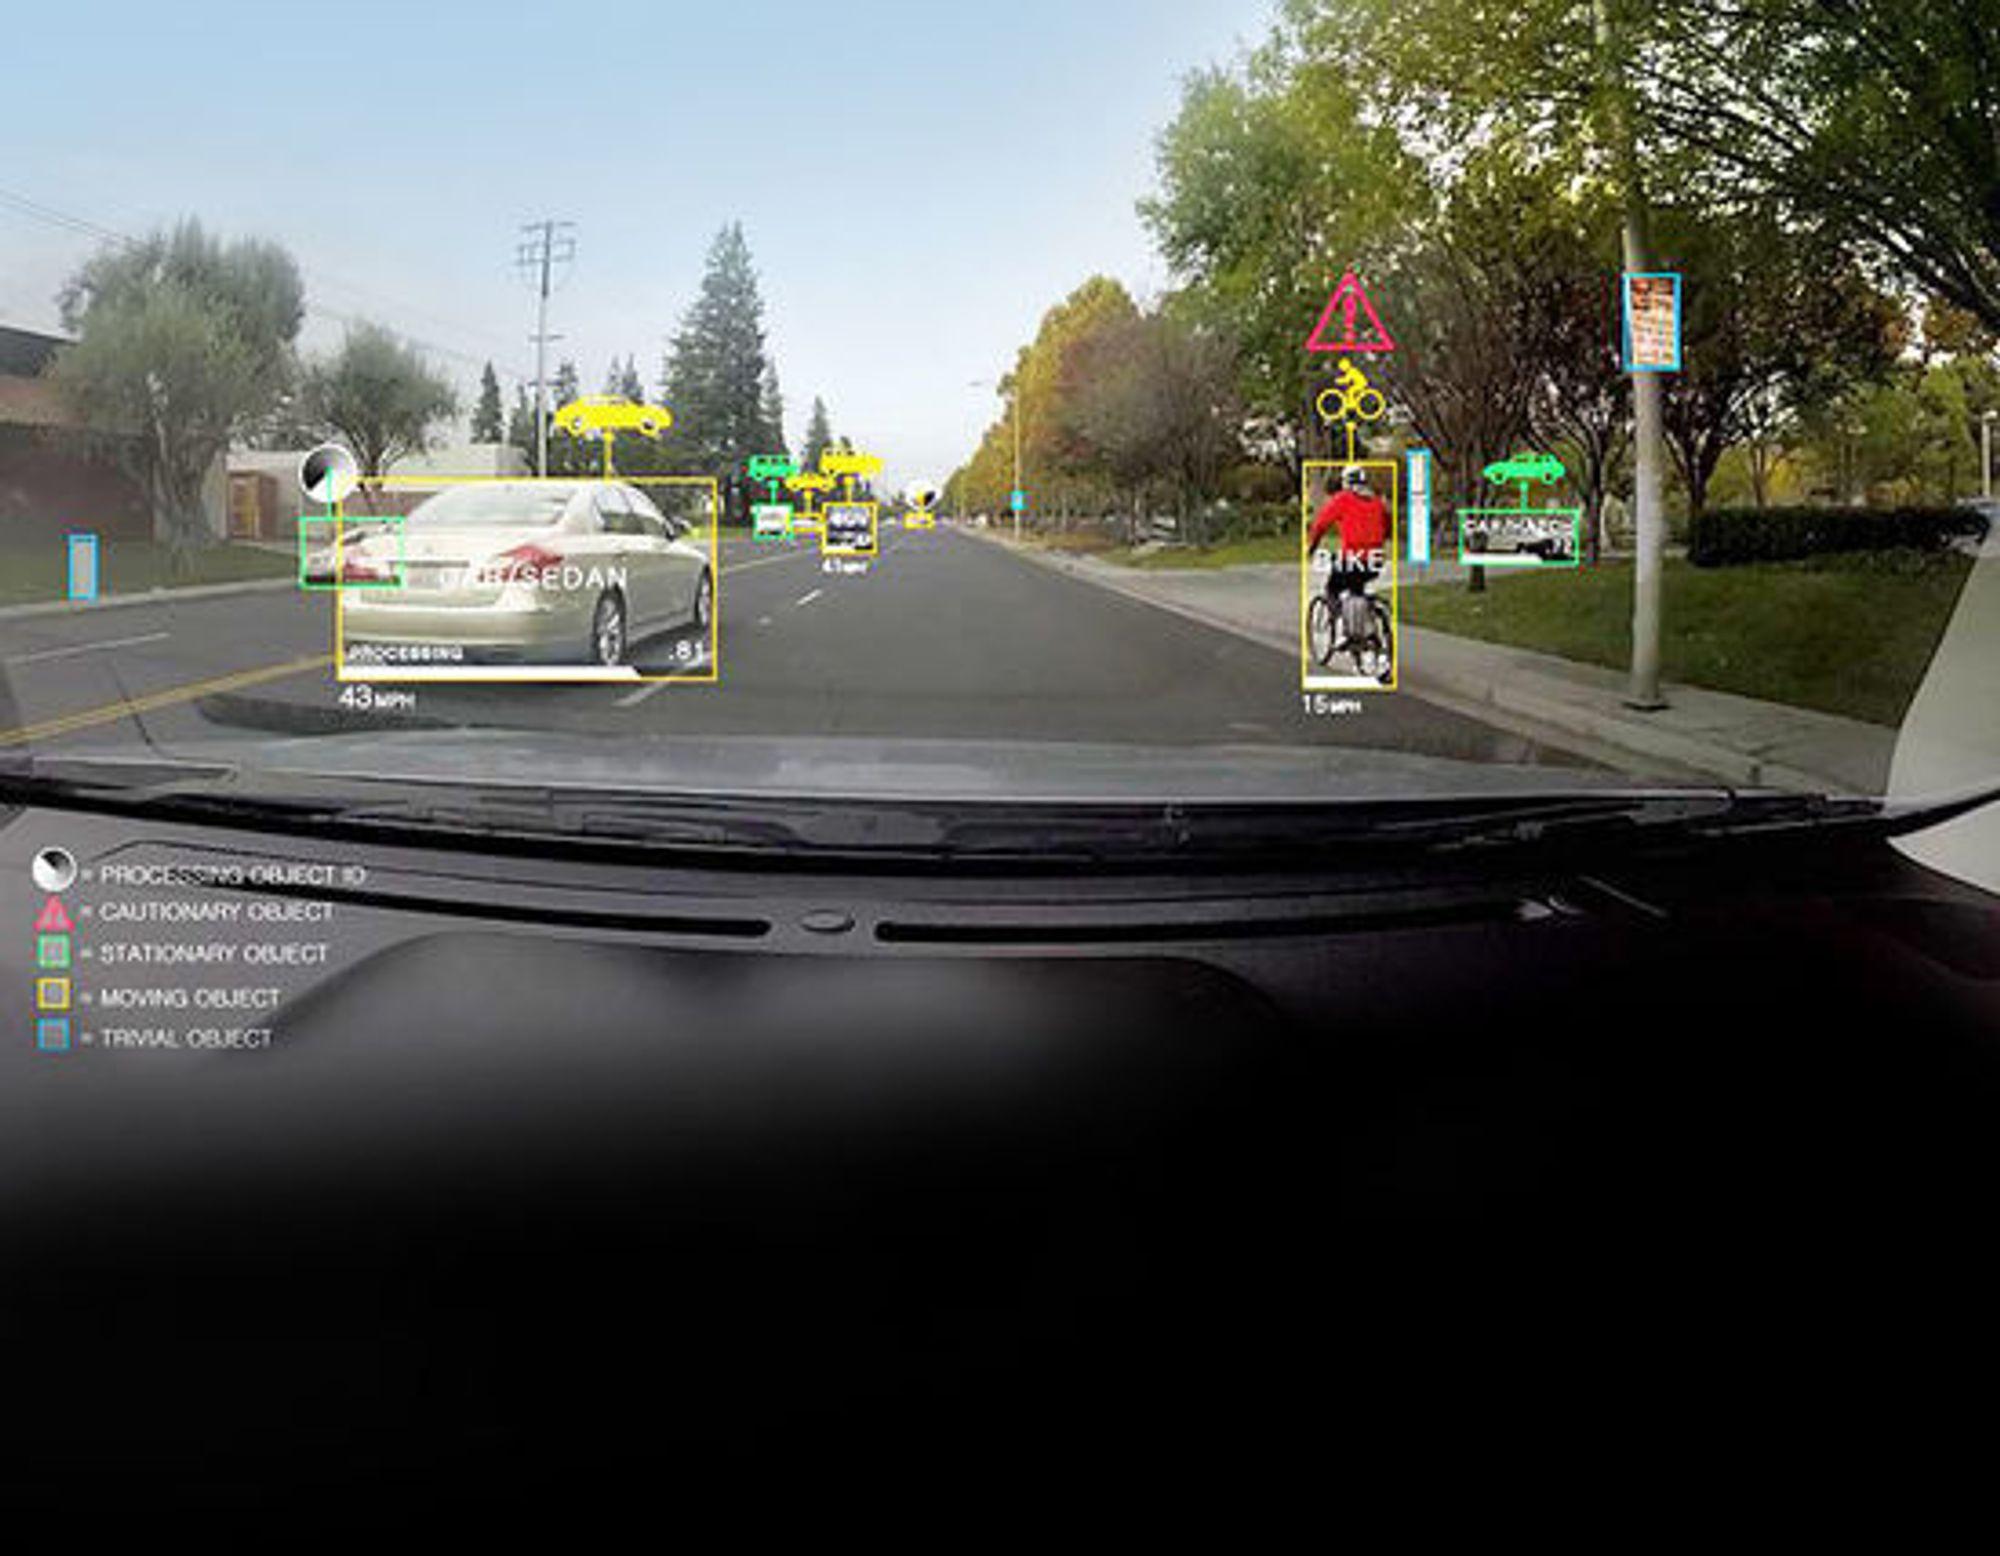 Slik ser Nvidia for seg at biler kan analysere omgivelser med Drive PX.